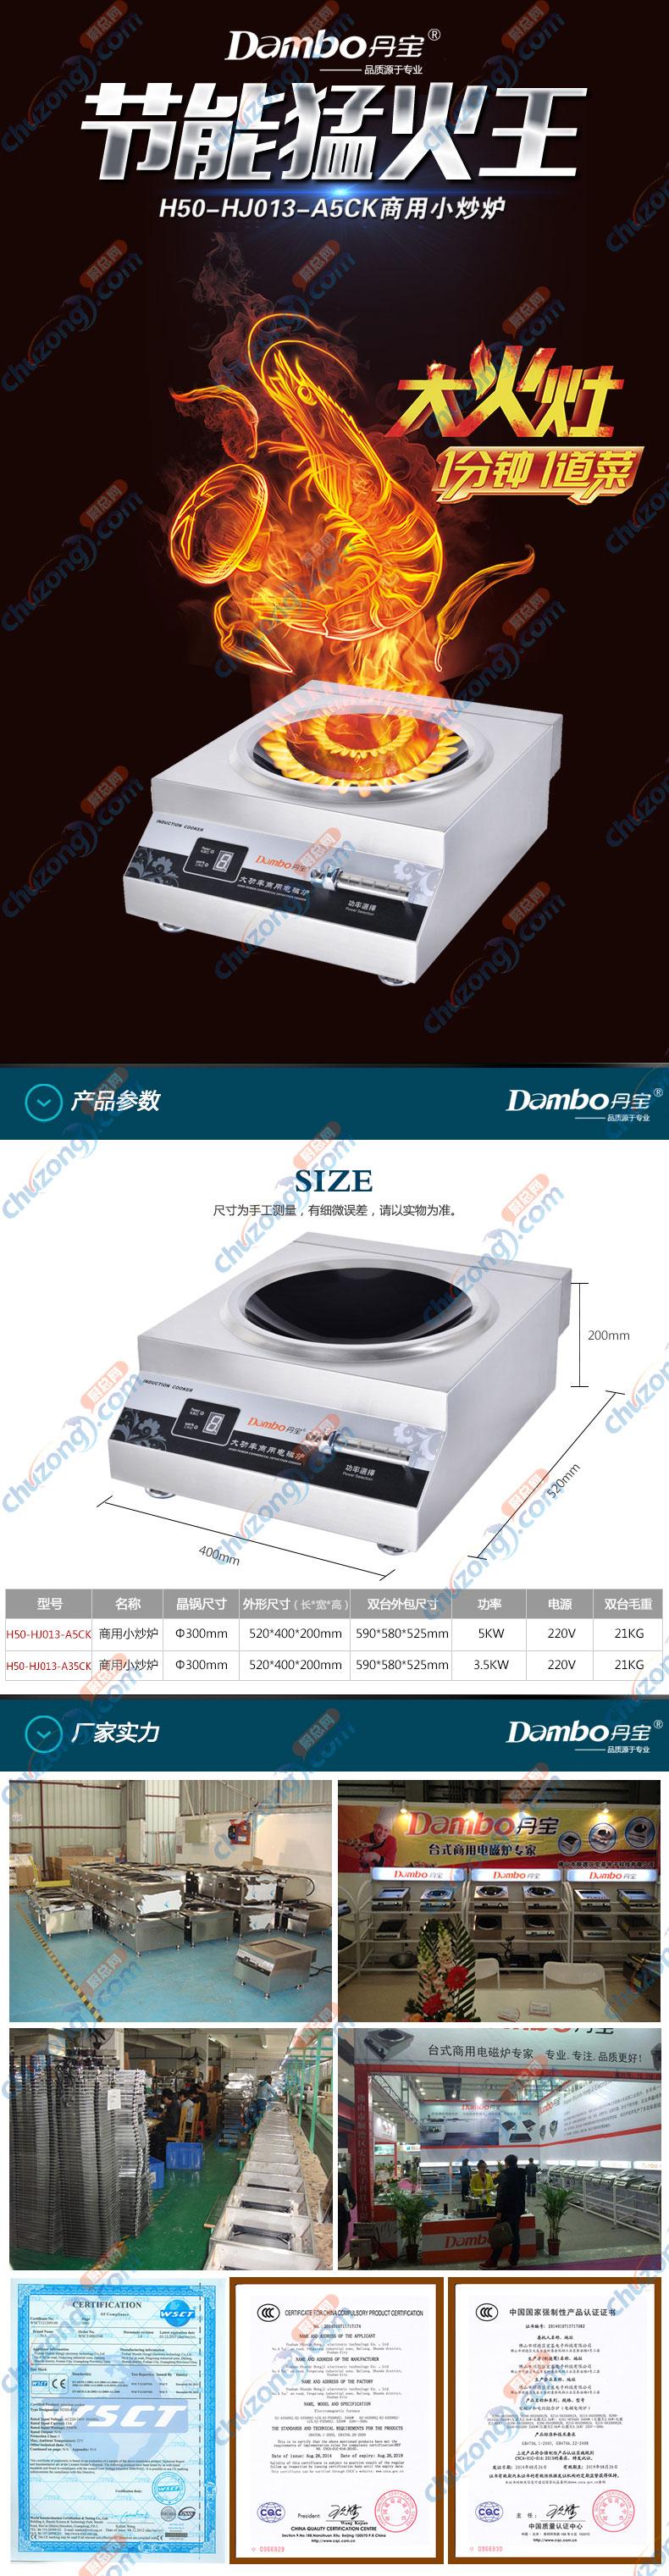 丹宝磁控型小炒炉H50-HJ013-A5CK